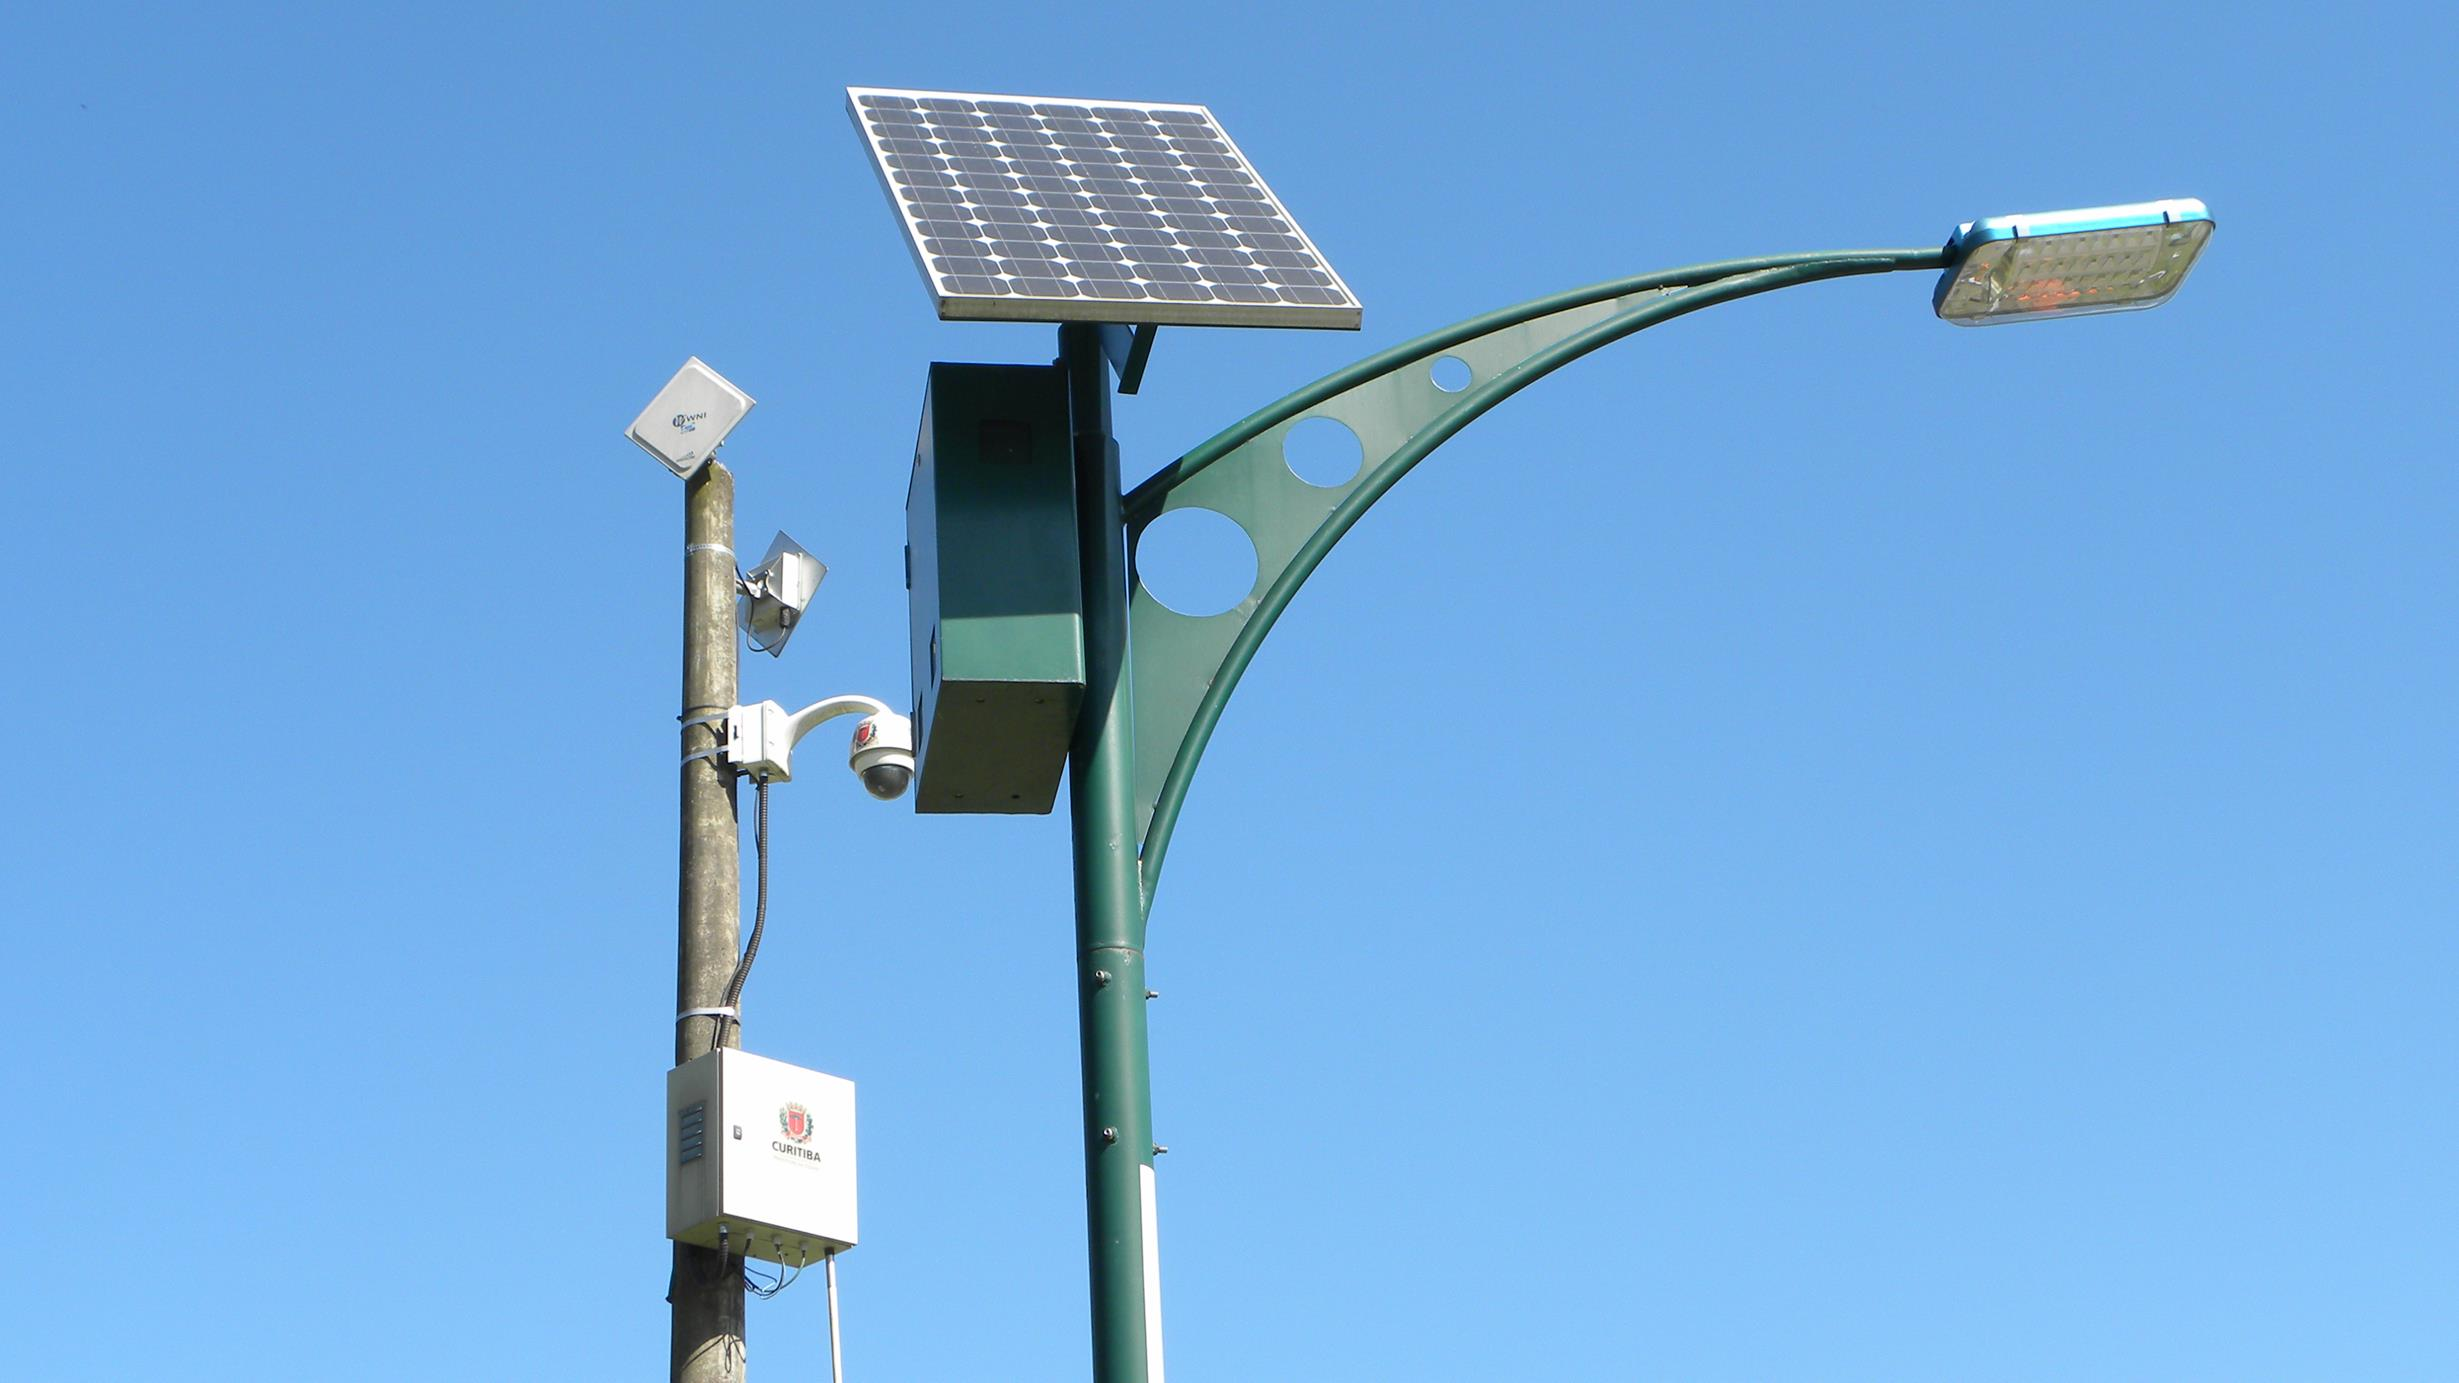 Novas praças do Setor Dantas e Alto Alegre contarão com sistemas que utilizam energia solar